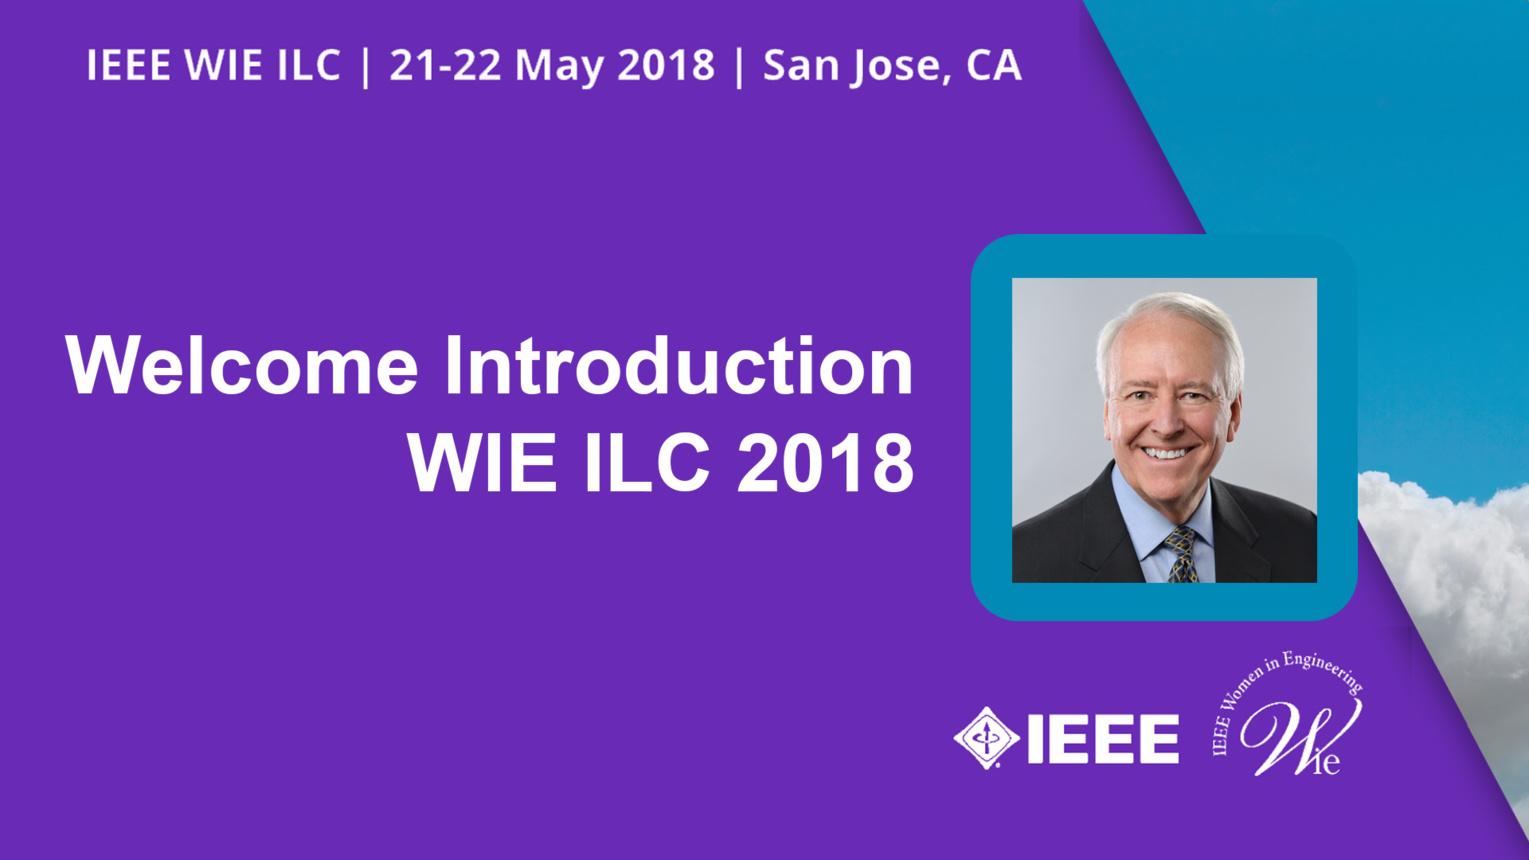 Welcome Introduction - Jim Jefferies - WIE ILC 2018